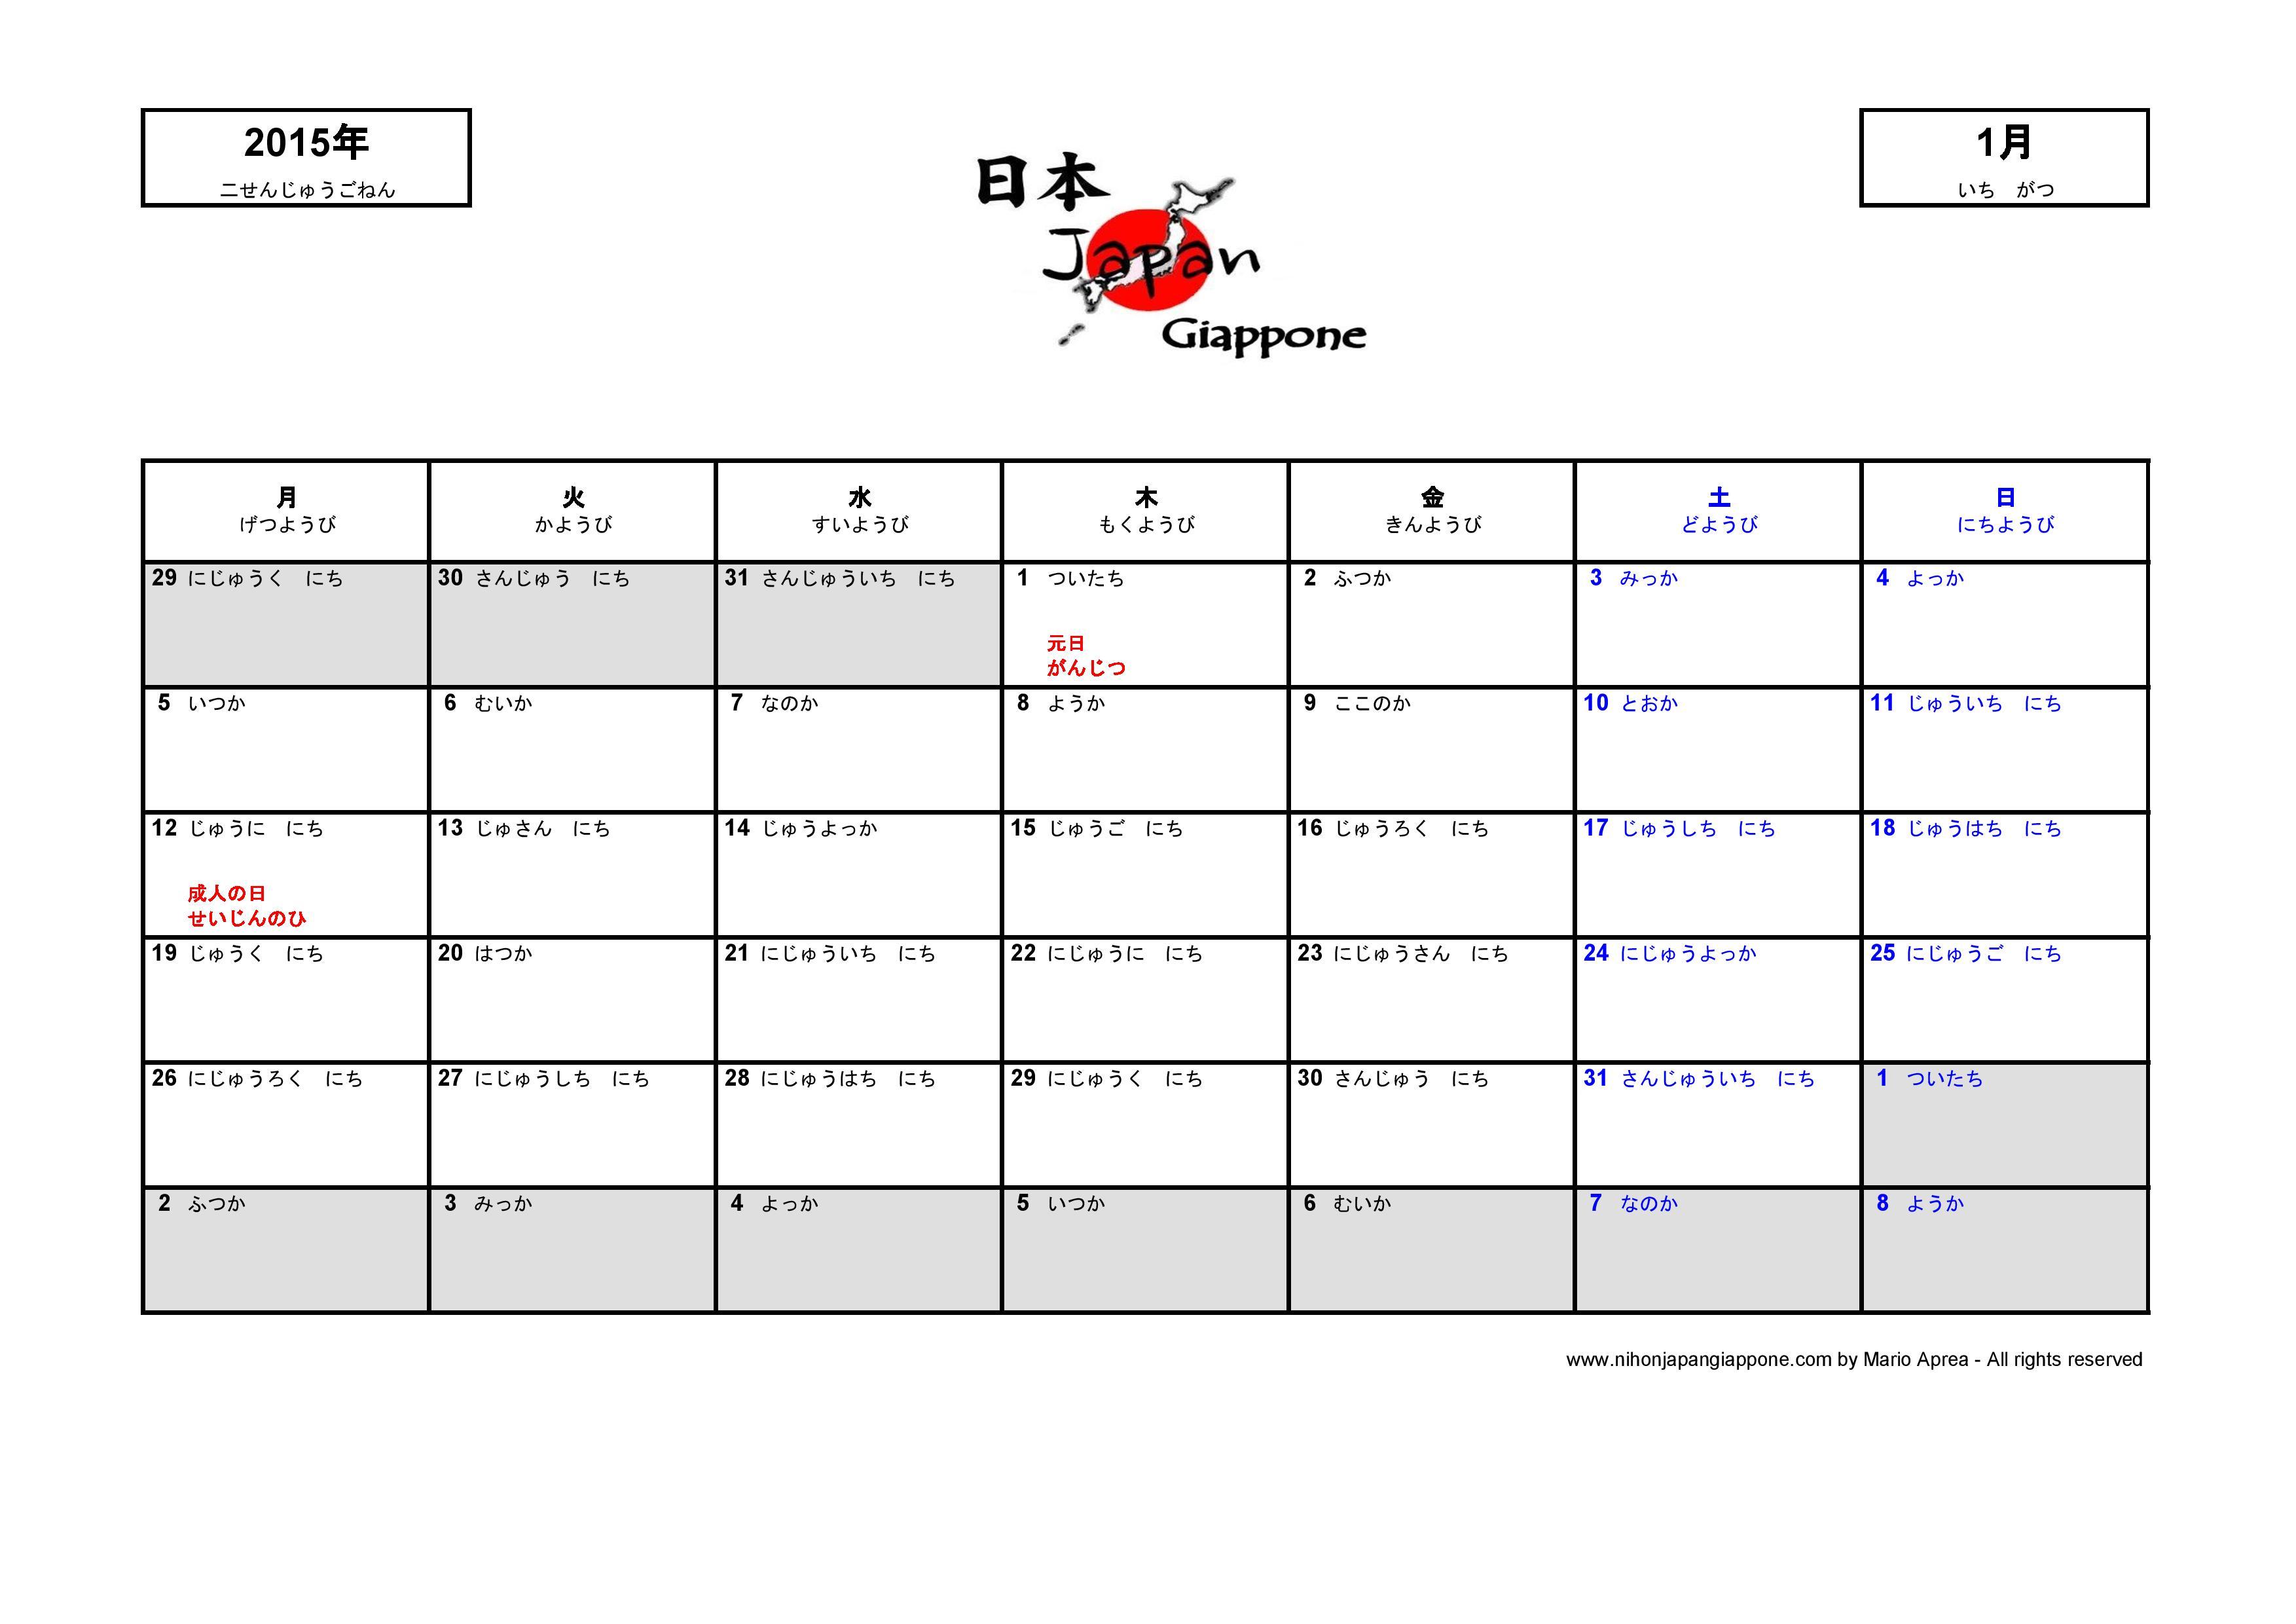 Calendario Giapponese.Calendario Giapponese 2016 Scaricabile Da Stampare